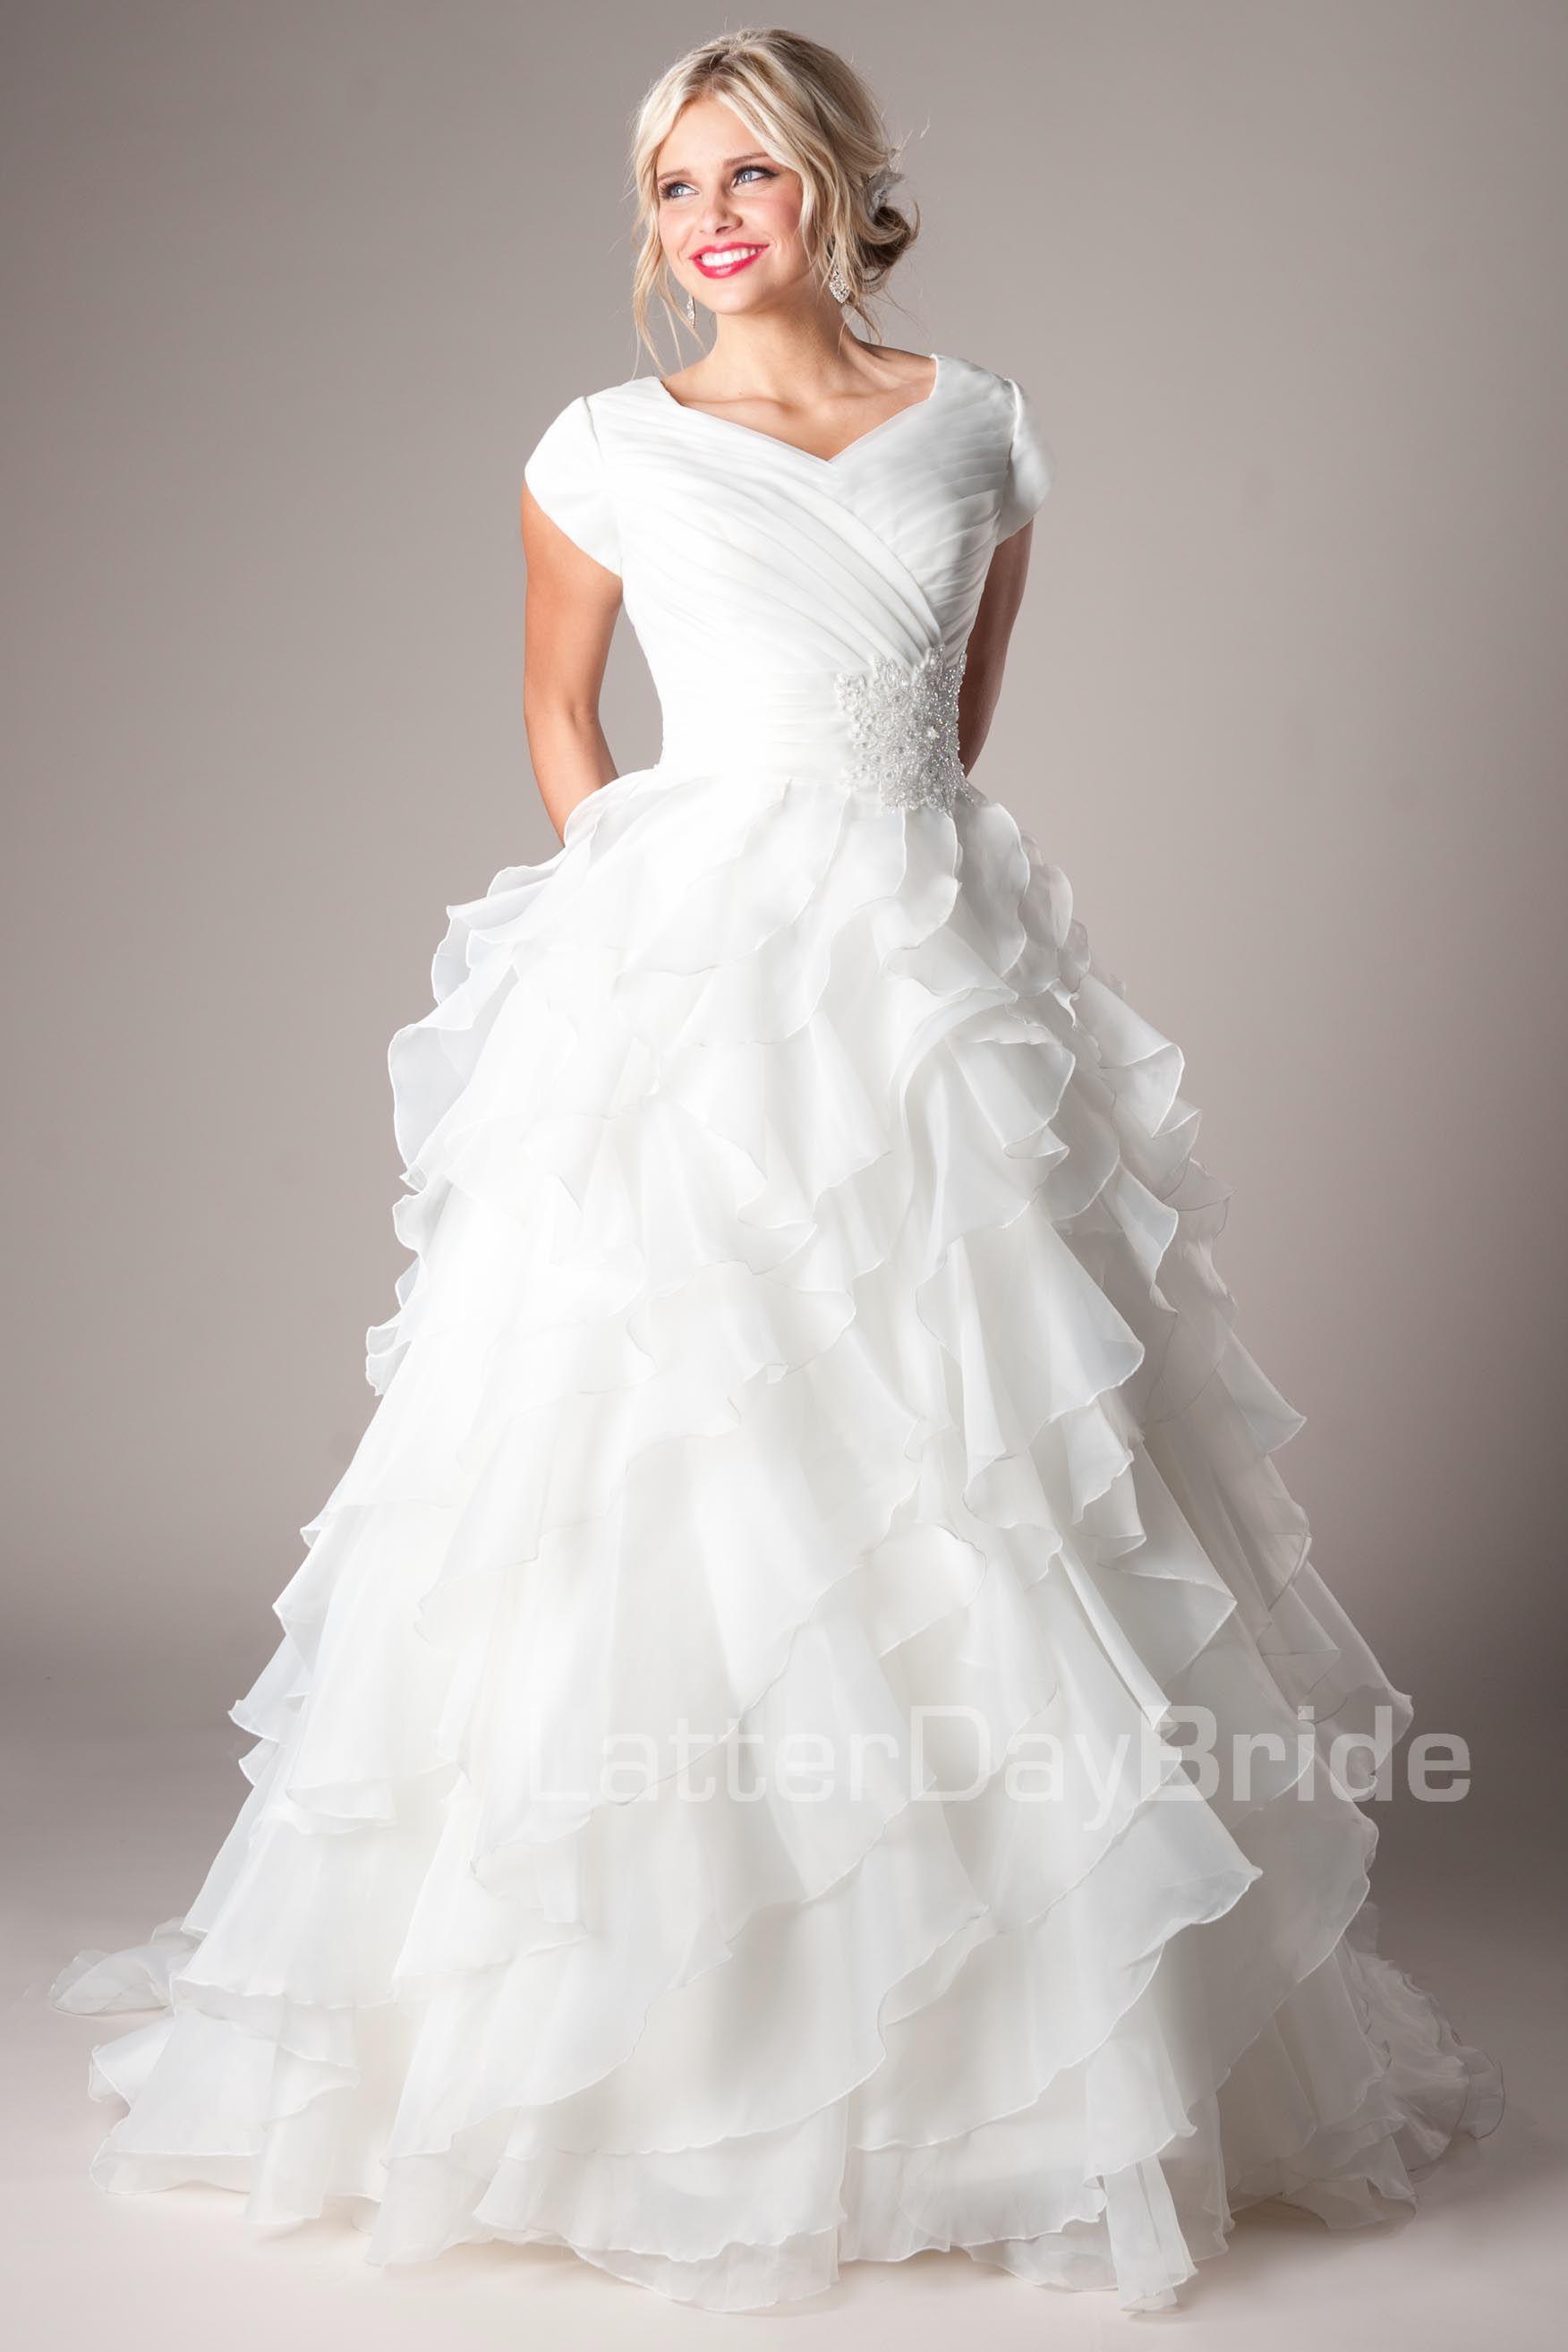 Casanova modest wedding dress latter day bride prom for Latter day bride wedding dresses